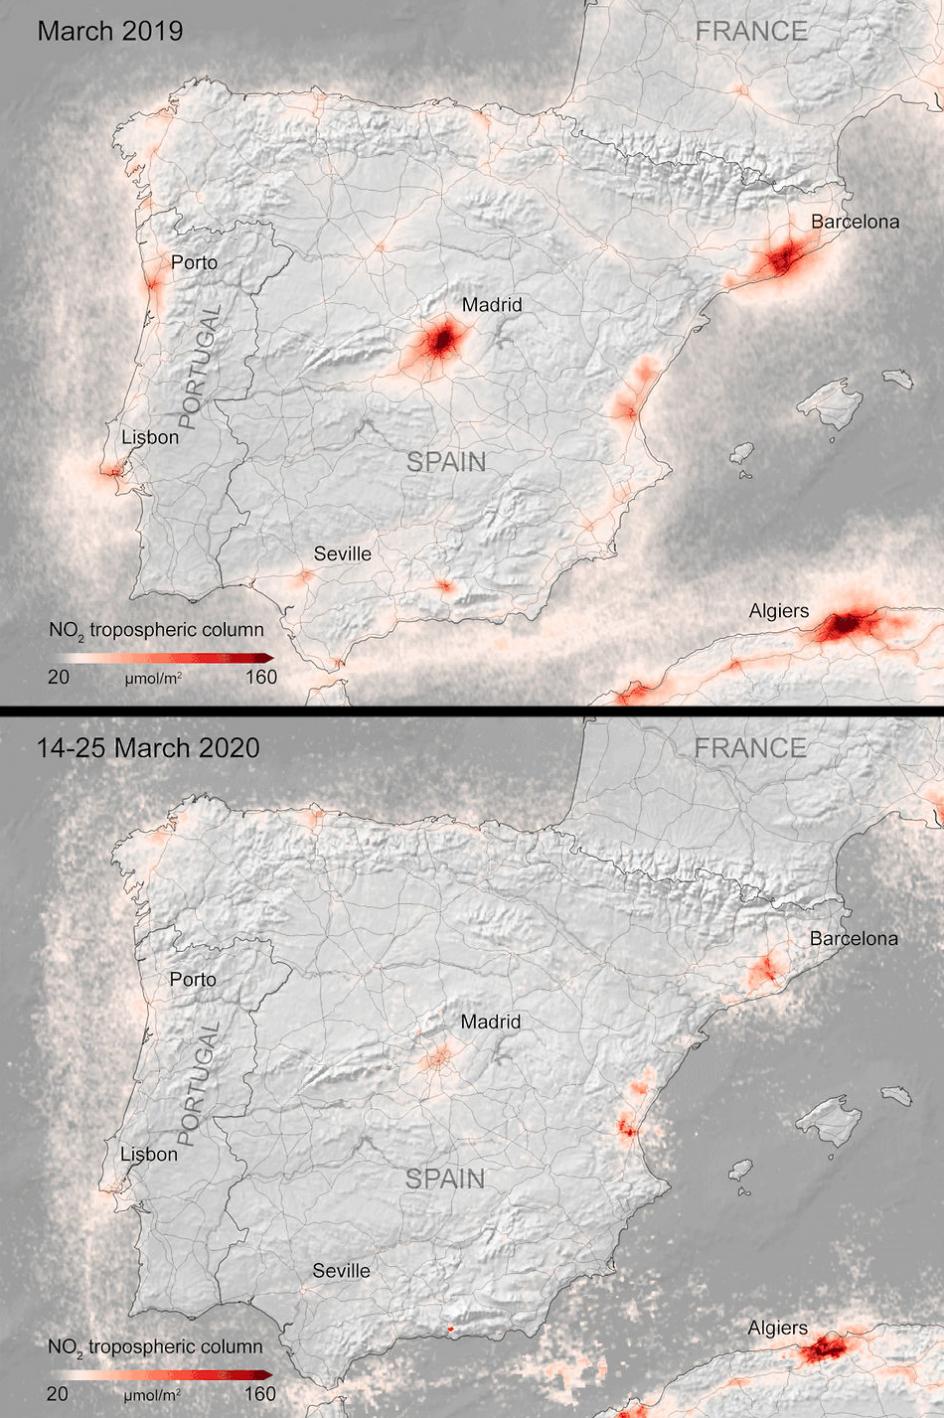 Her ses koncentrationen af kvælstofdioxid i atomsfæren i Spanien og Portugal fra begyndelsen af marts (øverst) til denne uge (nederst).